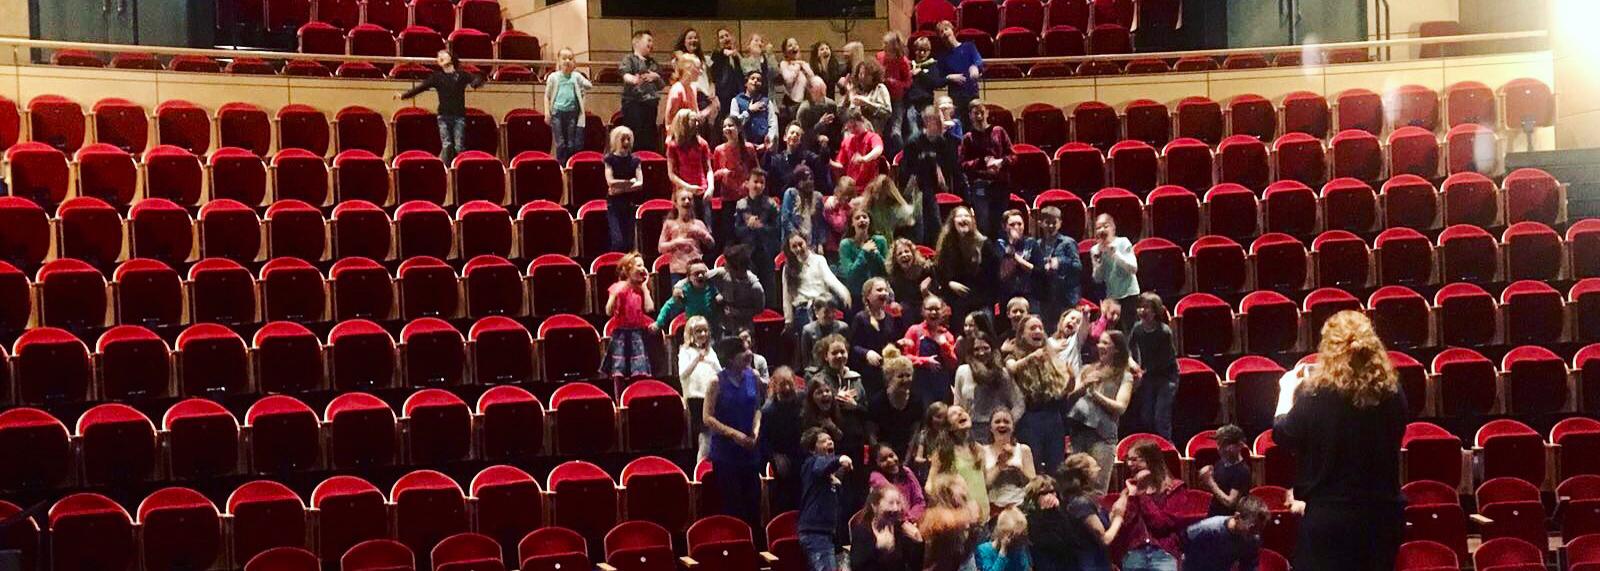 JTS - Theaterklas 1a 2019